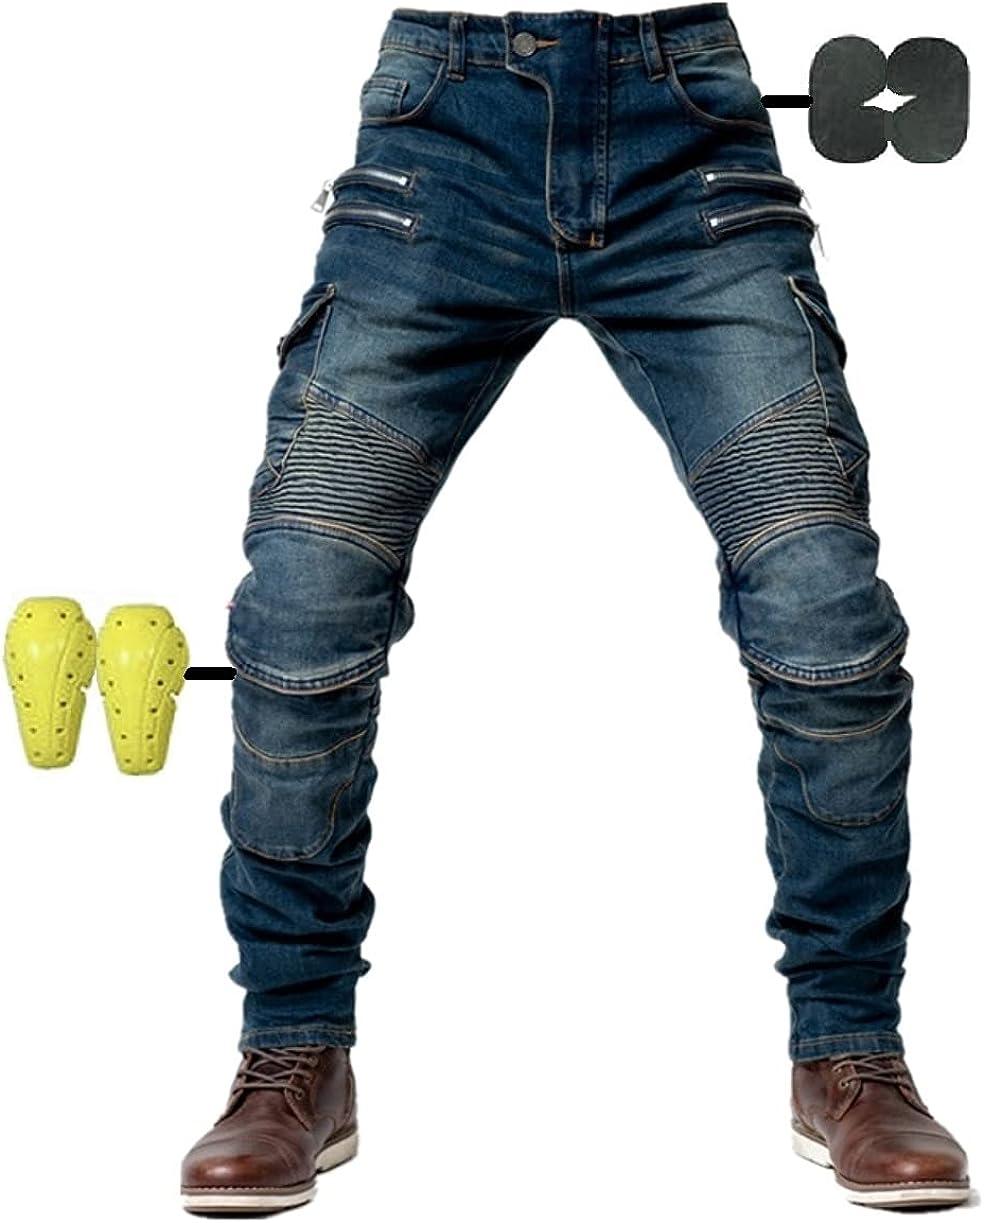 Hombres Pantalones De Motociclismo para Pantalones De Carreras De Motocross con Pantalones Anti Caída,Jeans de Moto, 4 x Equipo de protección